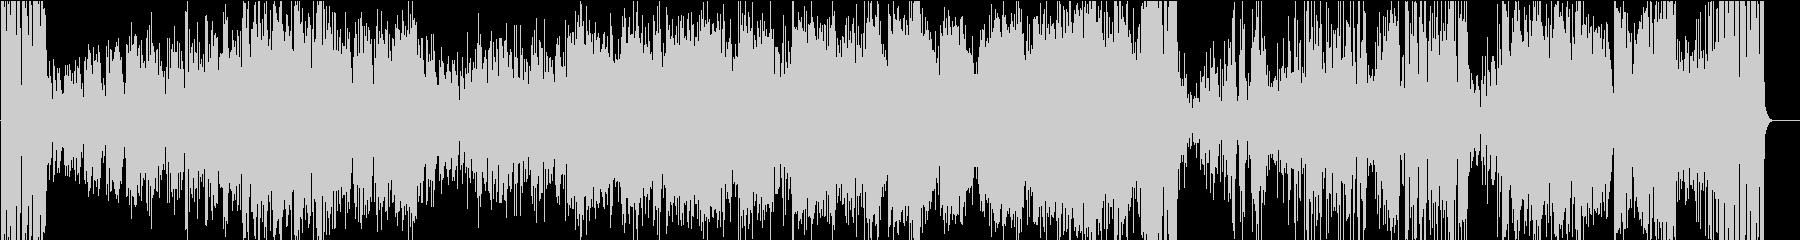 トランペットソロが映える怪しげなジャズの未再生の波形